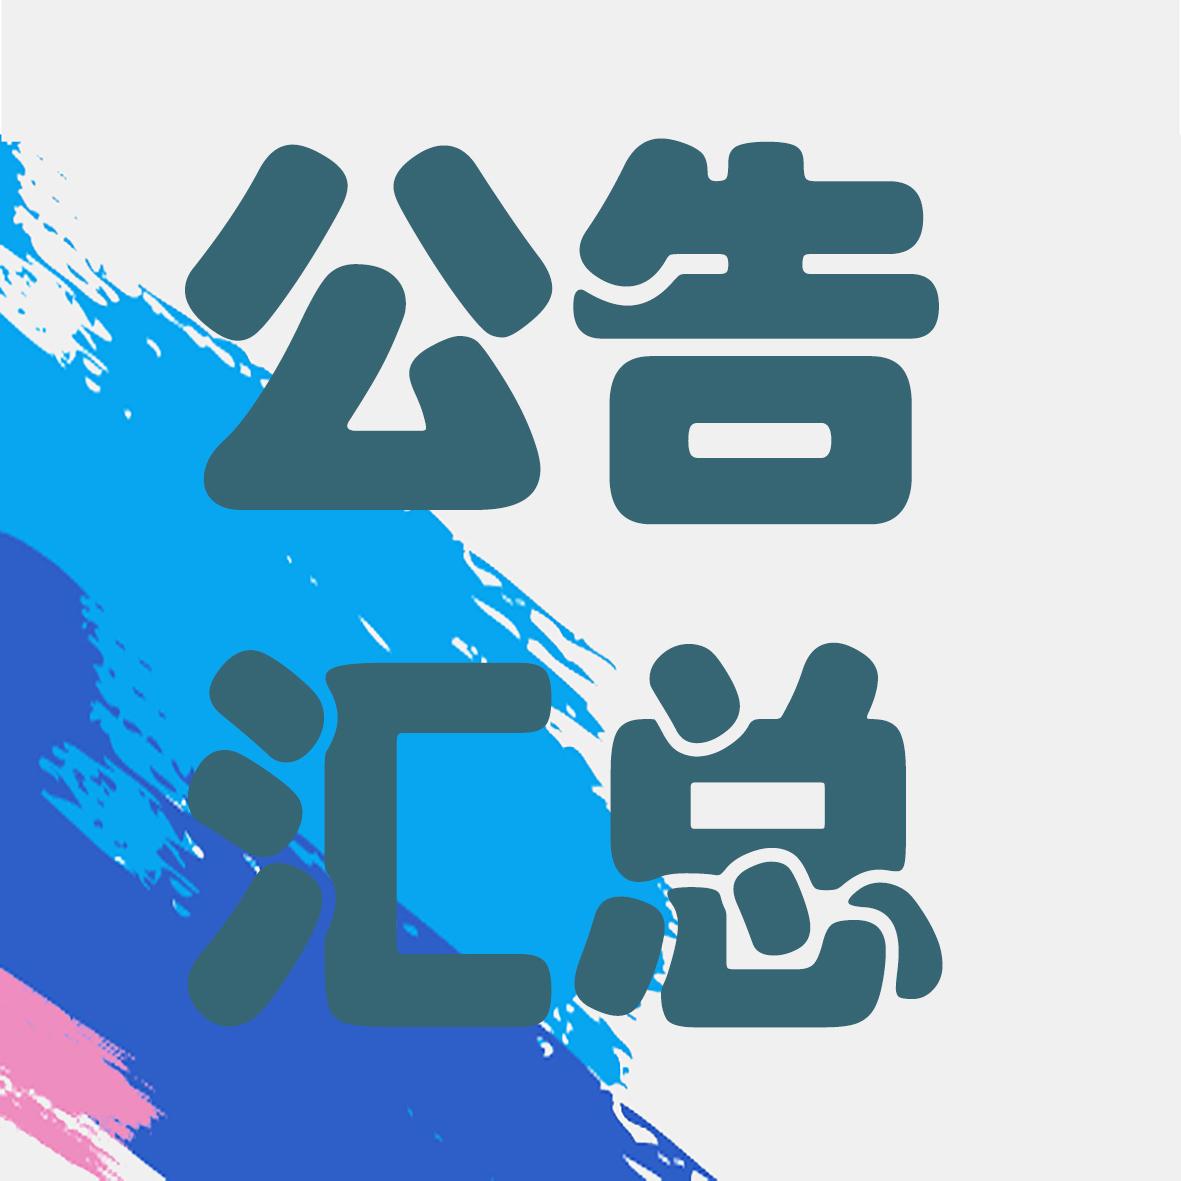 2019年云南省事业单位统考招聘公告汇总(5月19日)